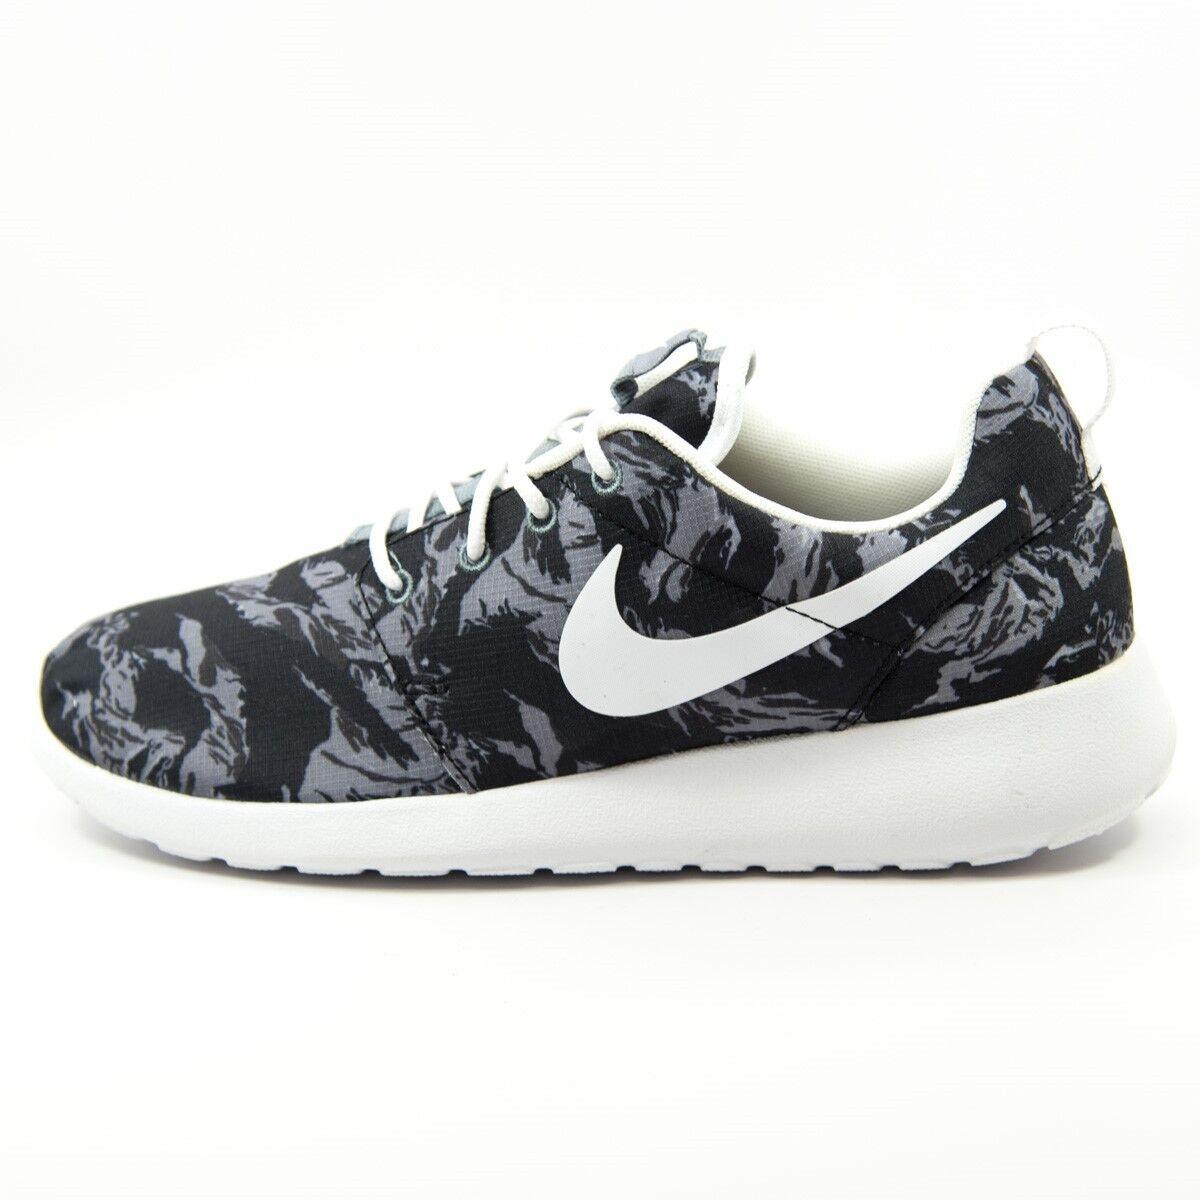 90 Nike Para Hombre Talla 7 se ajusta para mujer Talla 8.5 nuevo 655206 014